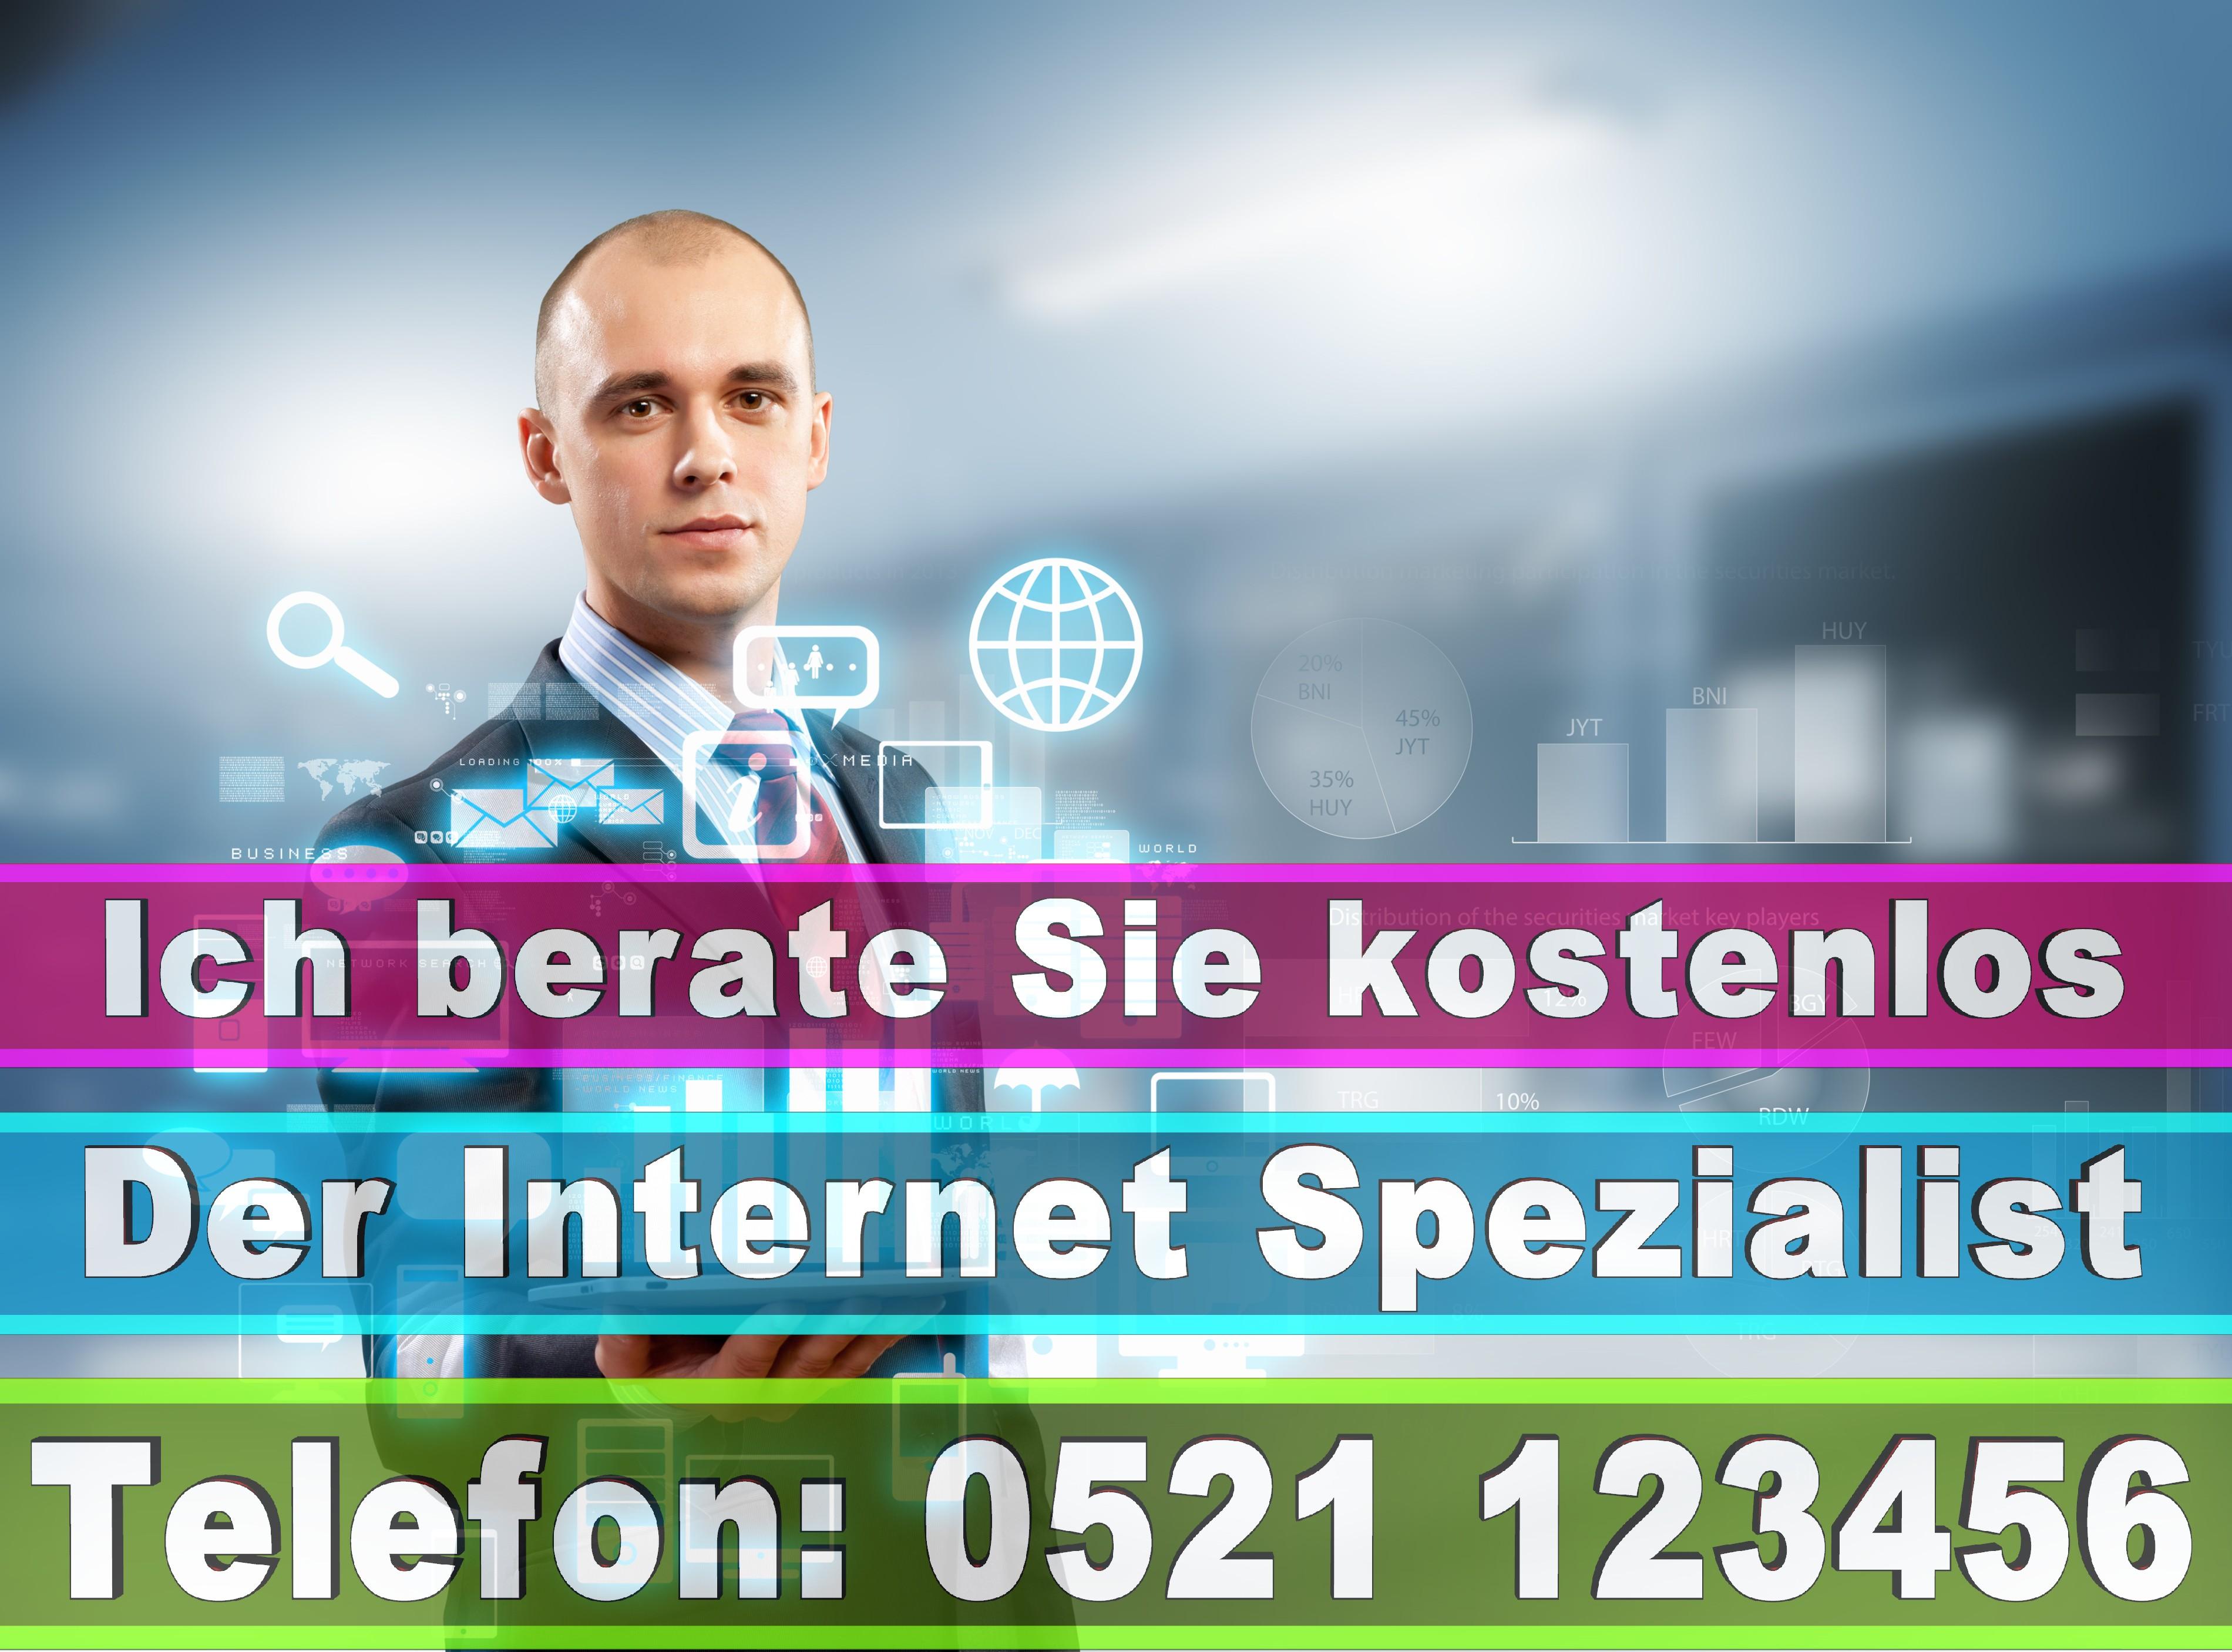 Rechtsanwalt Bielefeld Gütersloh Detmold Paderborn Münster Osnabrück Dortmund Essen Düsseldorf Köln Berlin Hamburg (18)